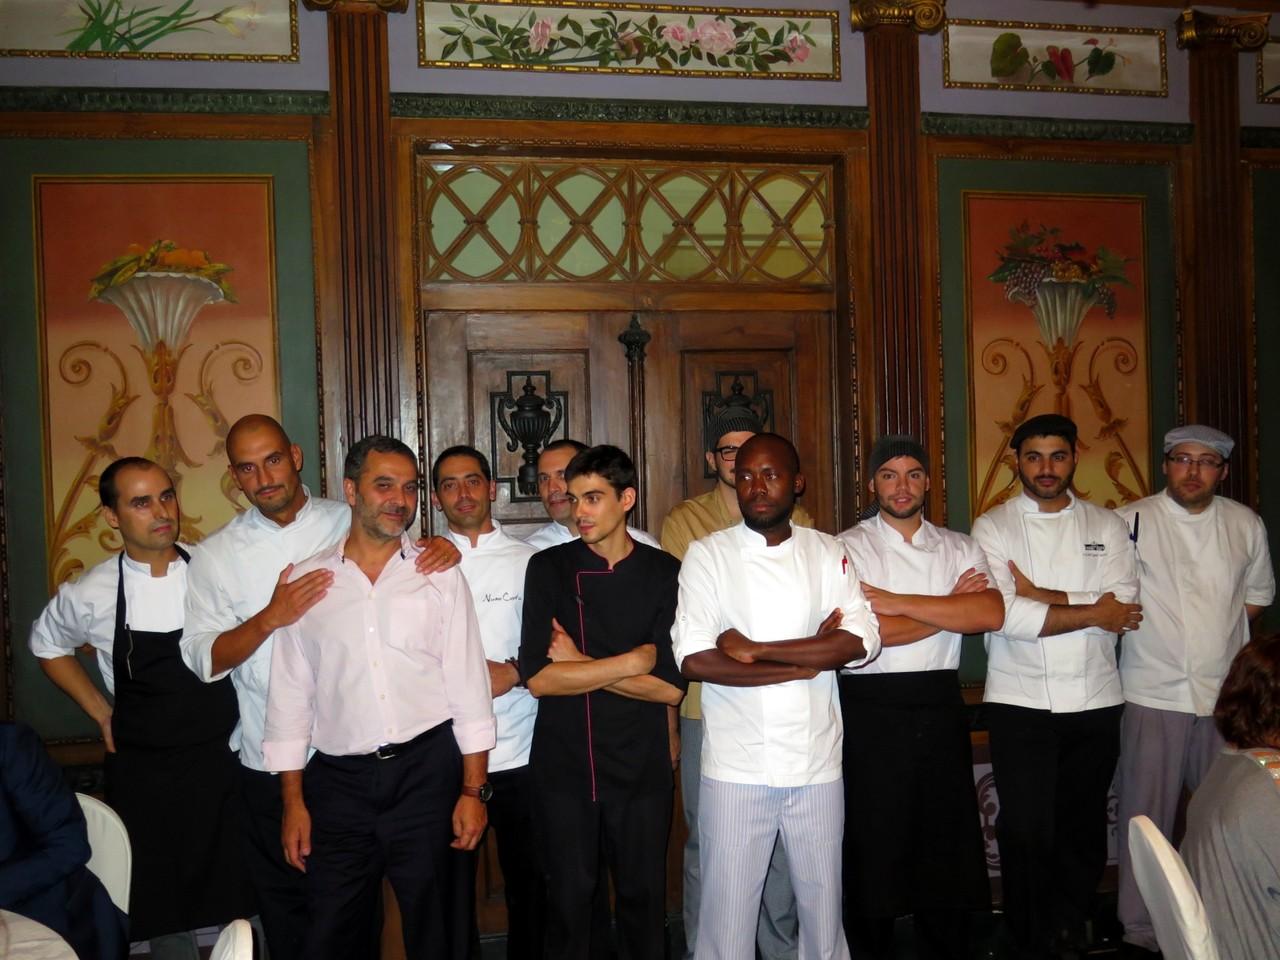 José Gomes e a equipa de cozinha